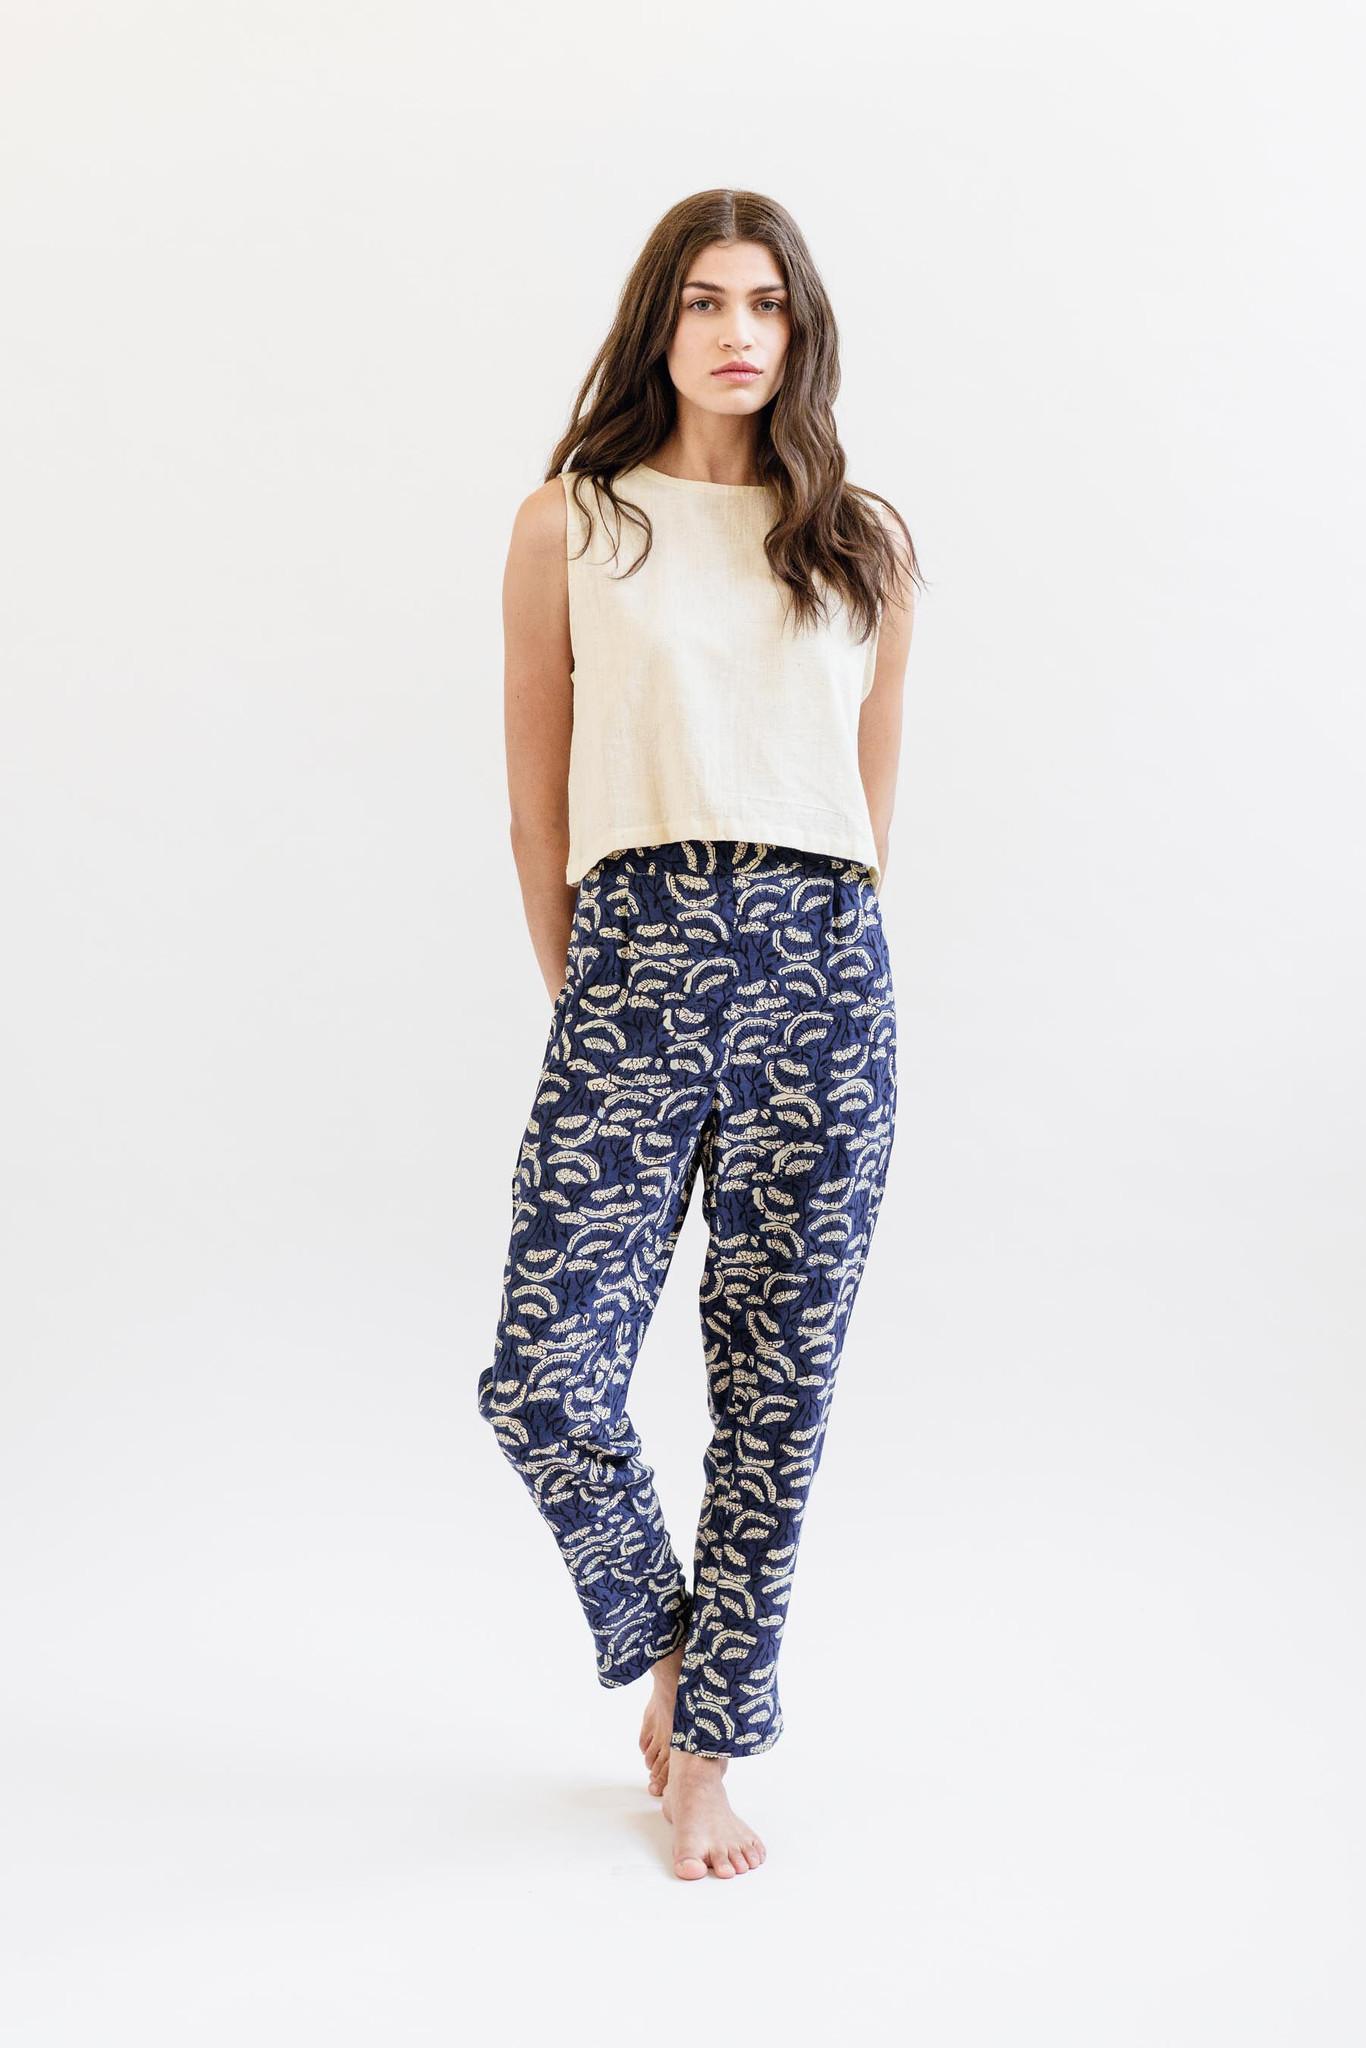 Maelu Maelu Modal Printed Lounger Pant